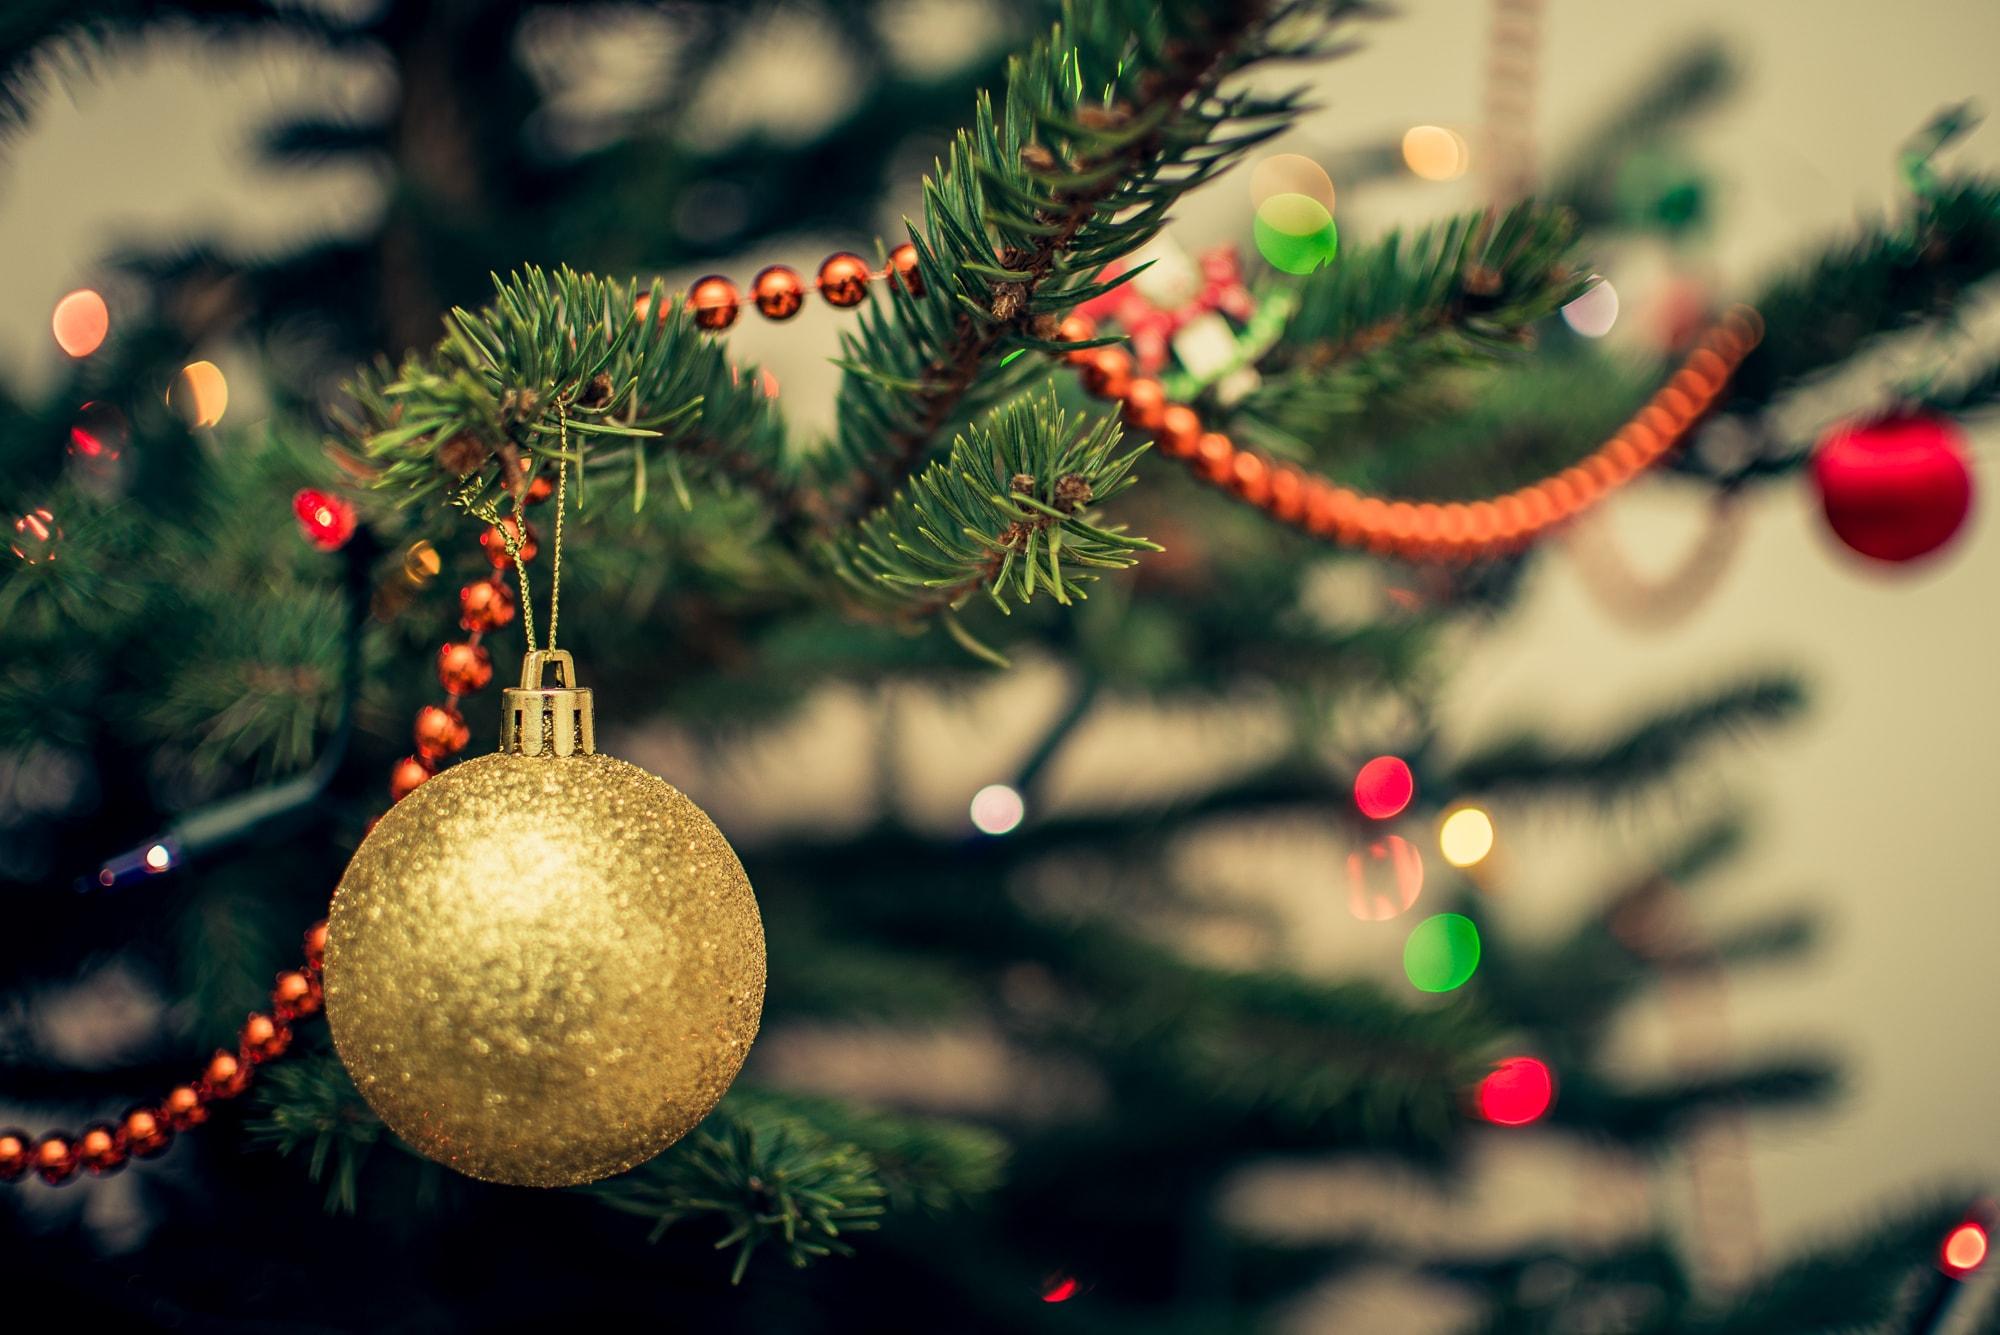 árbol-de-navidad-douglas-adorno-navideño-comun-que-segun-estudio-hace-feliz-a-la-gente